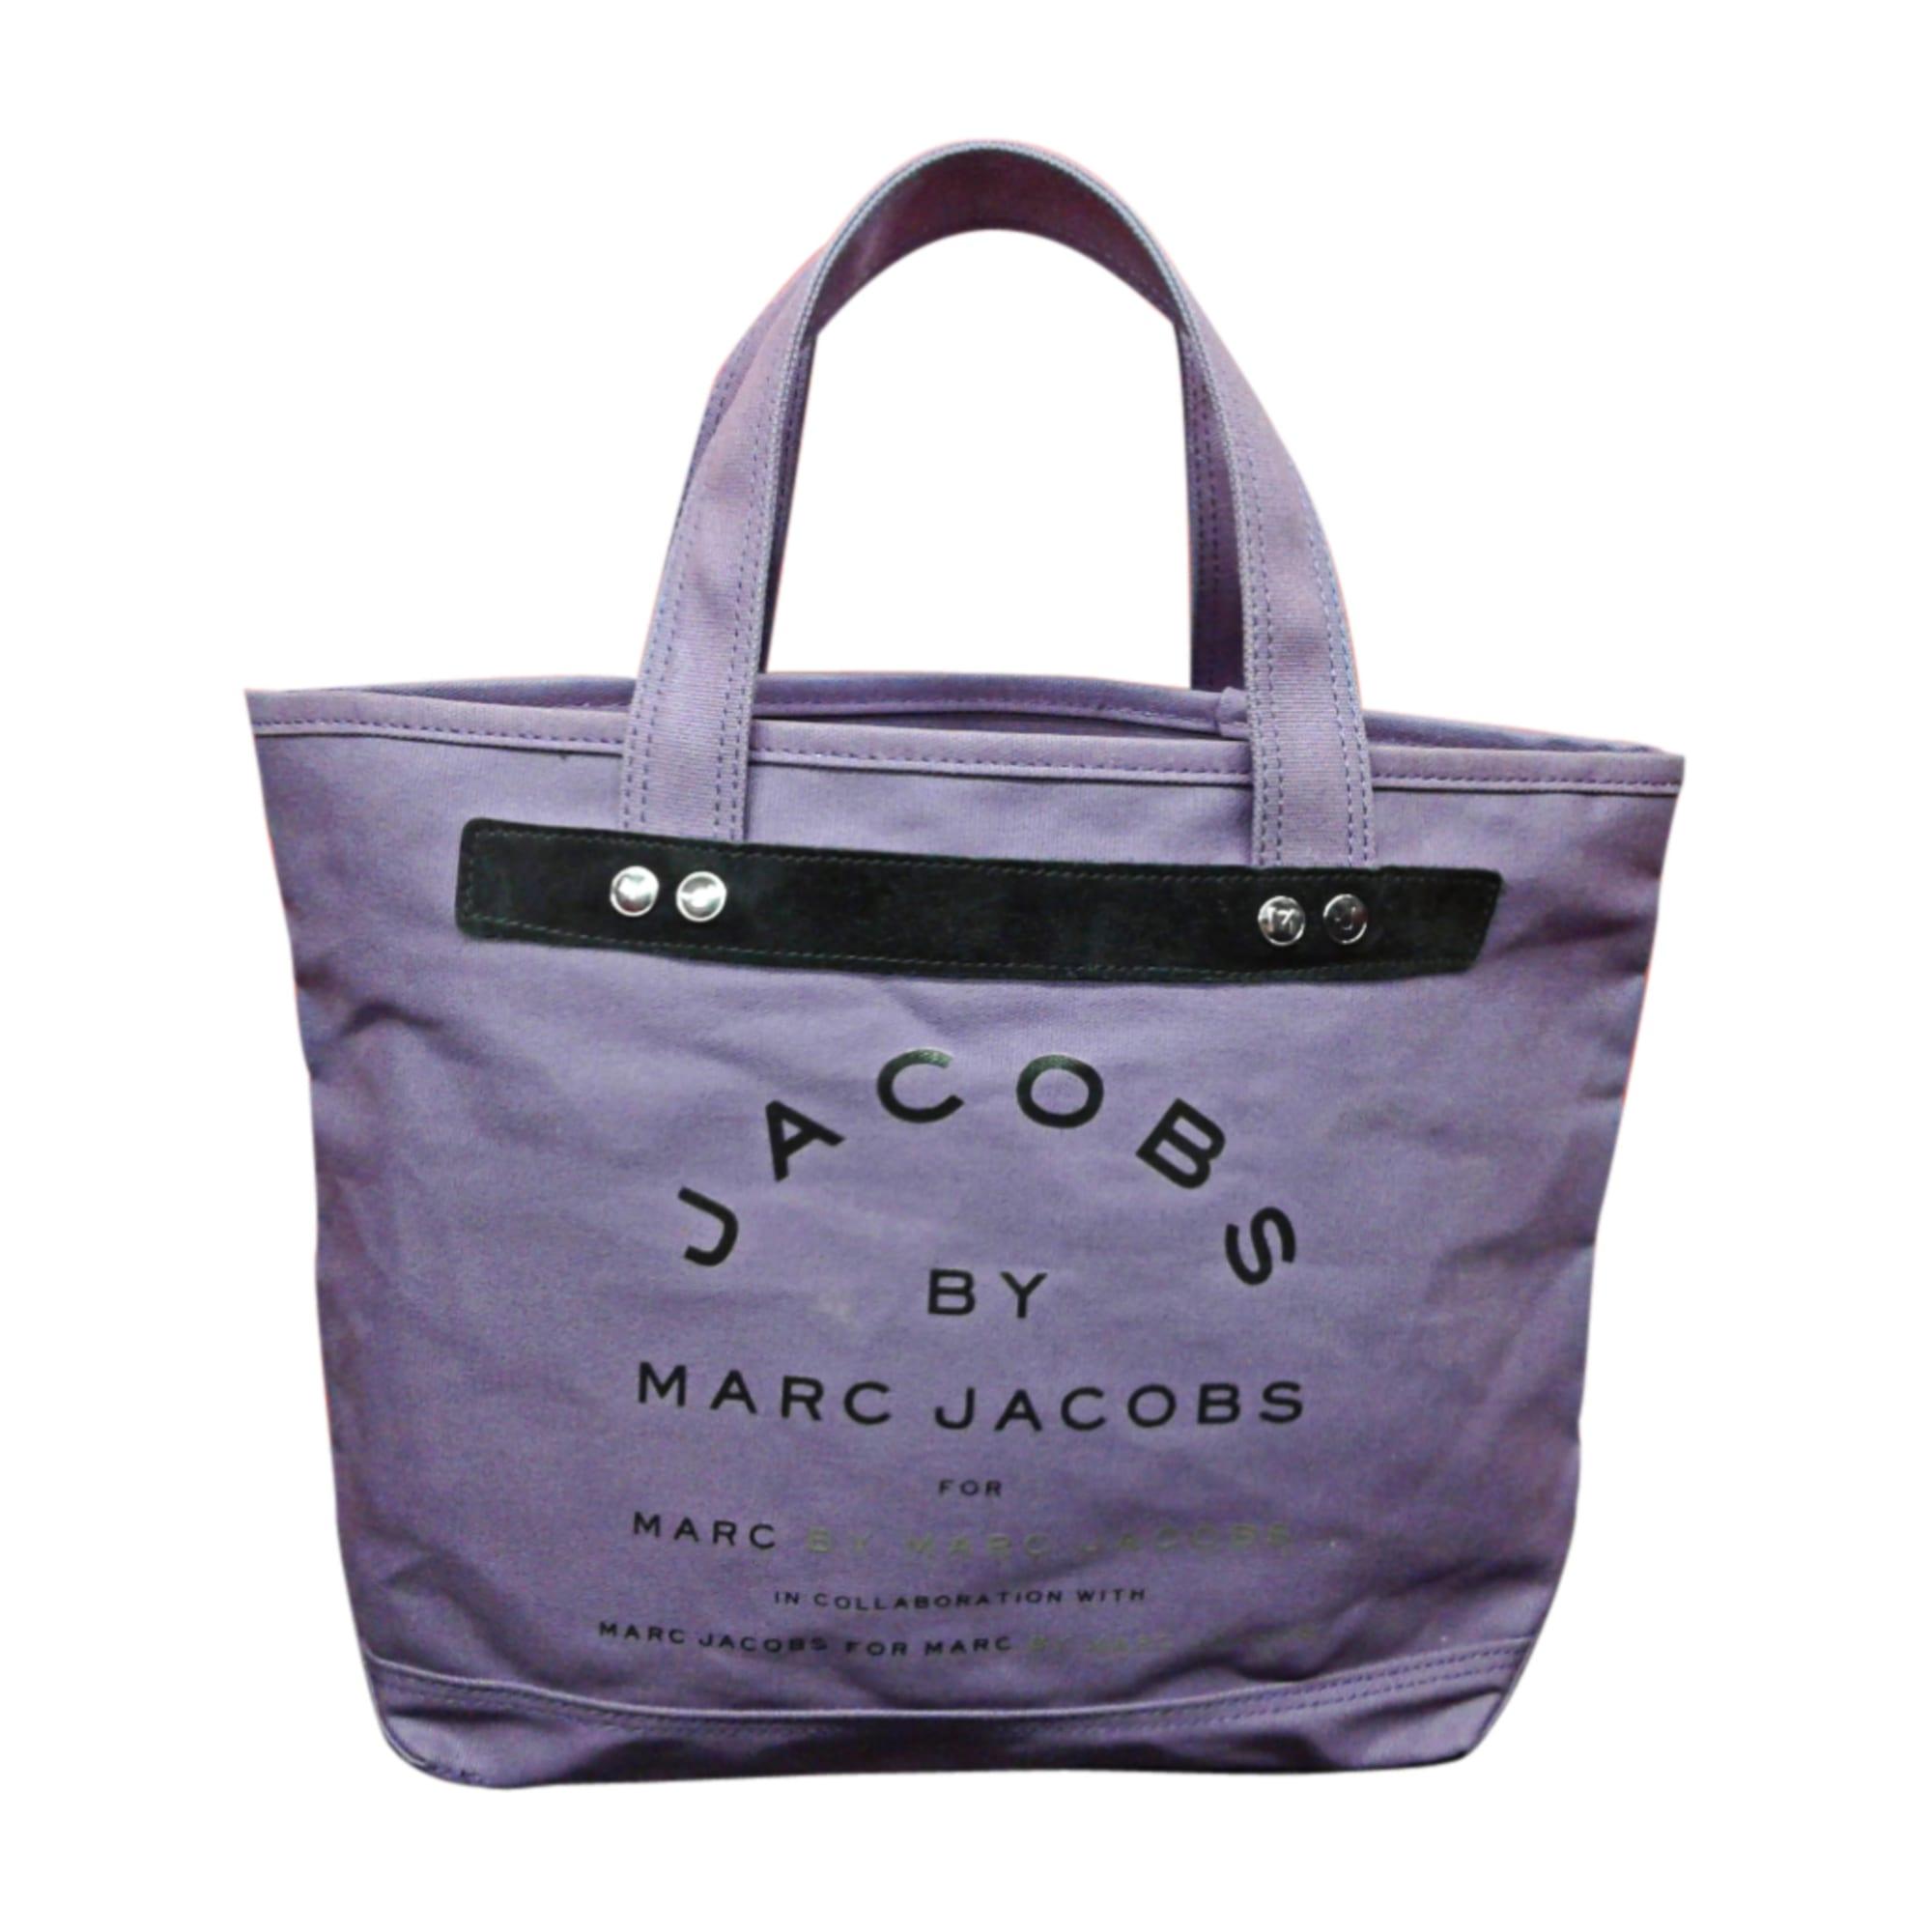 Sac à main en tissu MARC JACOBS Violet, mauve, lavande 208480e2fa76